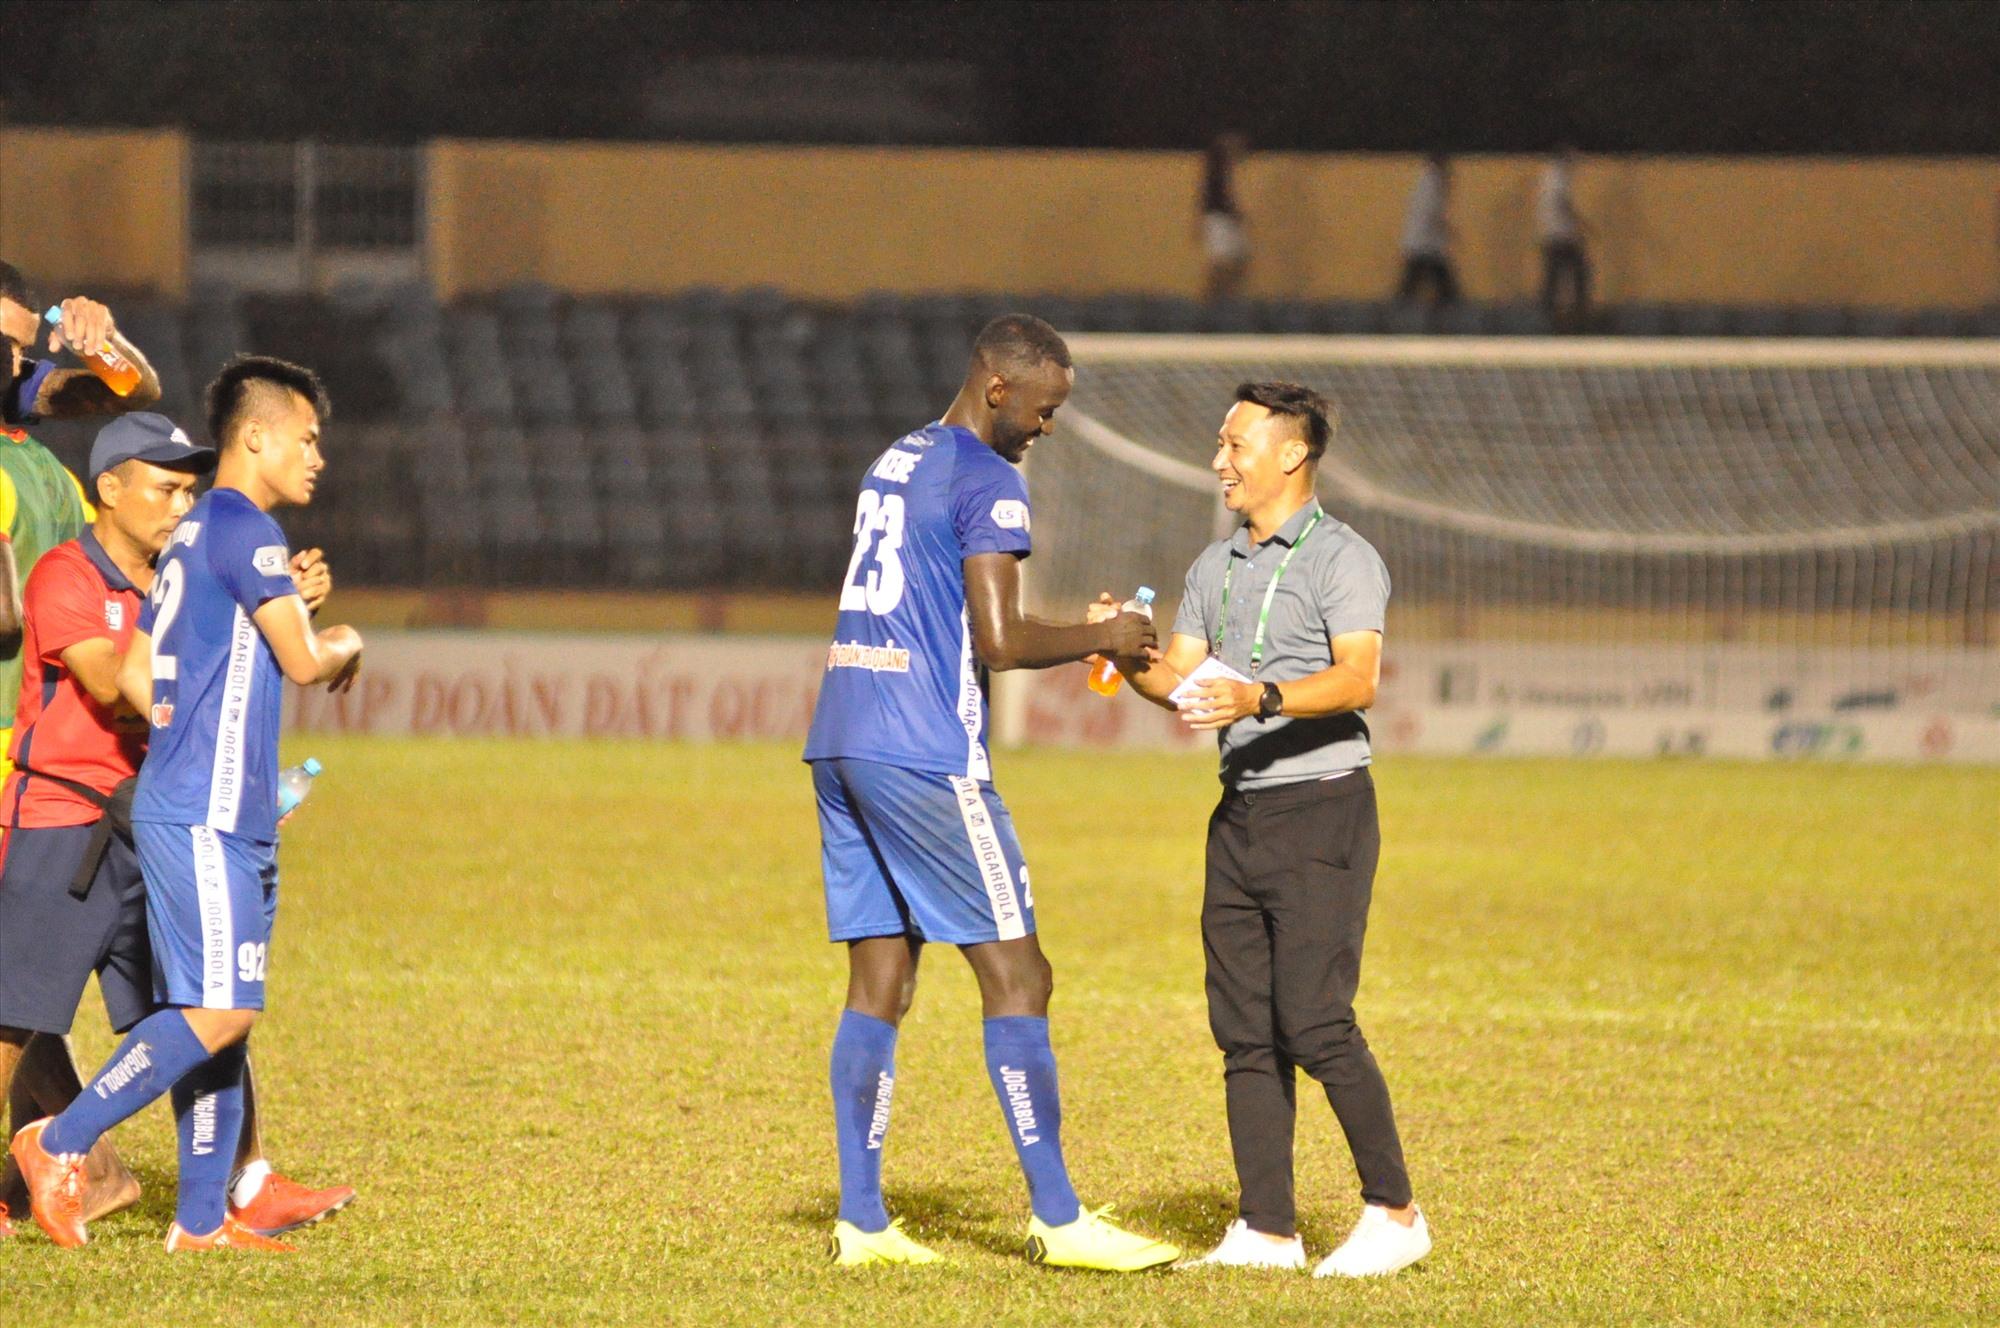 Nụ cười hiếm hoi của HLV Vũ Hồng Việt ở mùa giải năm nay sau chiến thắng Thanh Hóa ở vòng 3 V-League. Ảnh: T.V